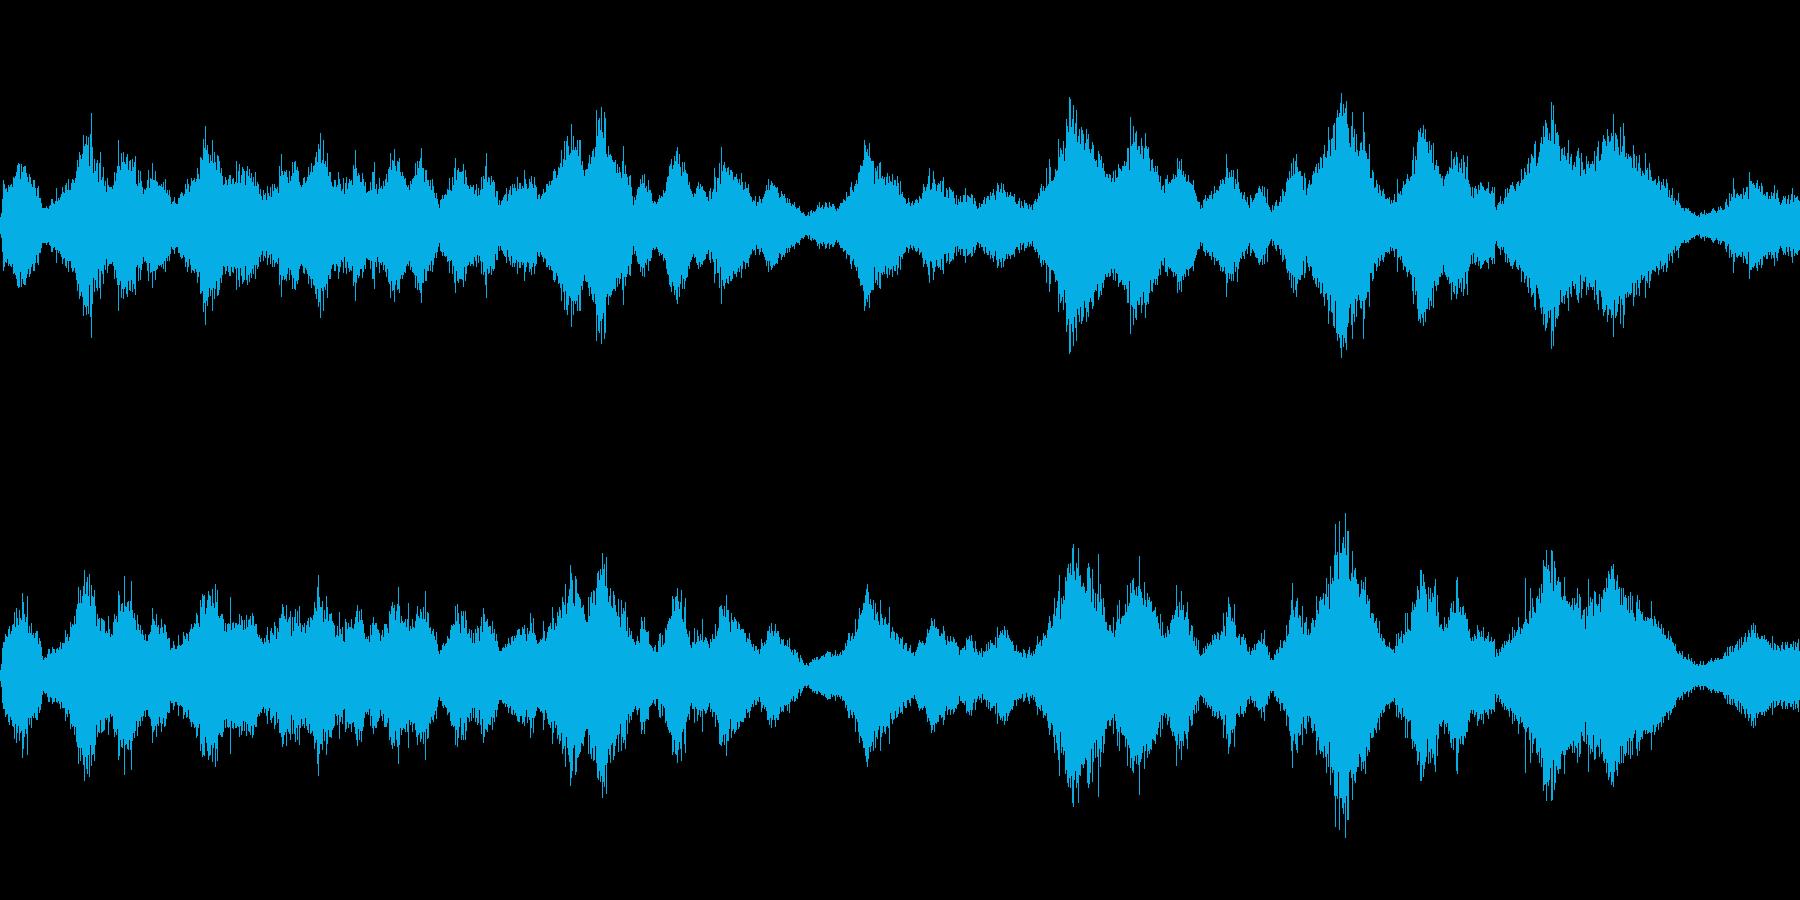 風が吹く1(環境音)の再生済みの波形